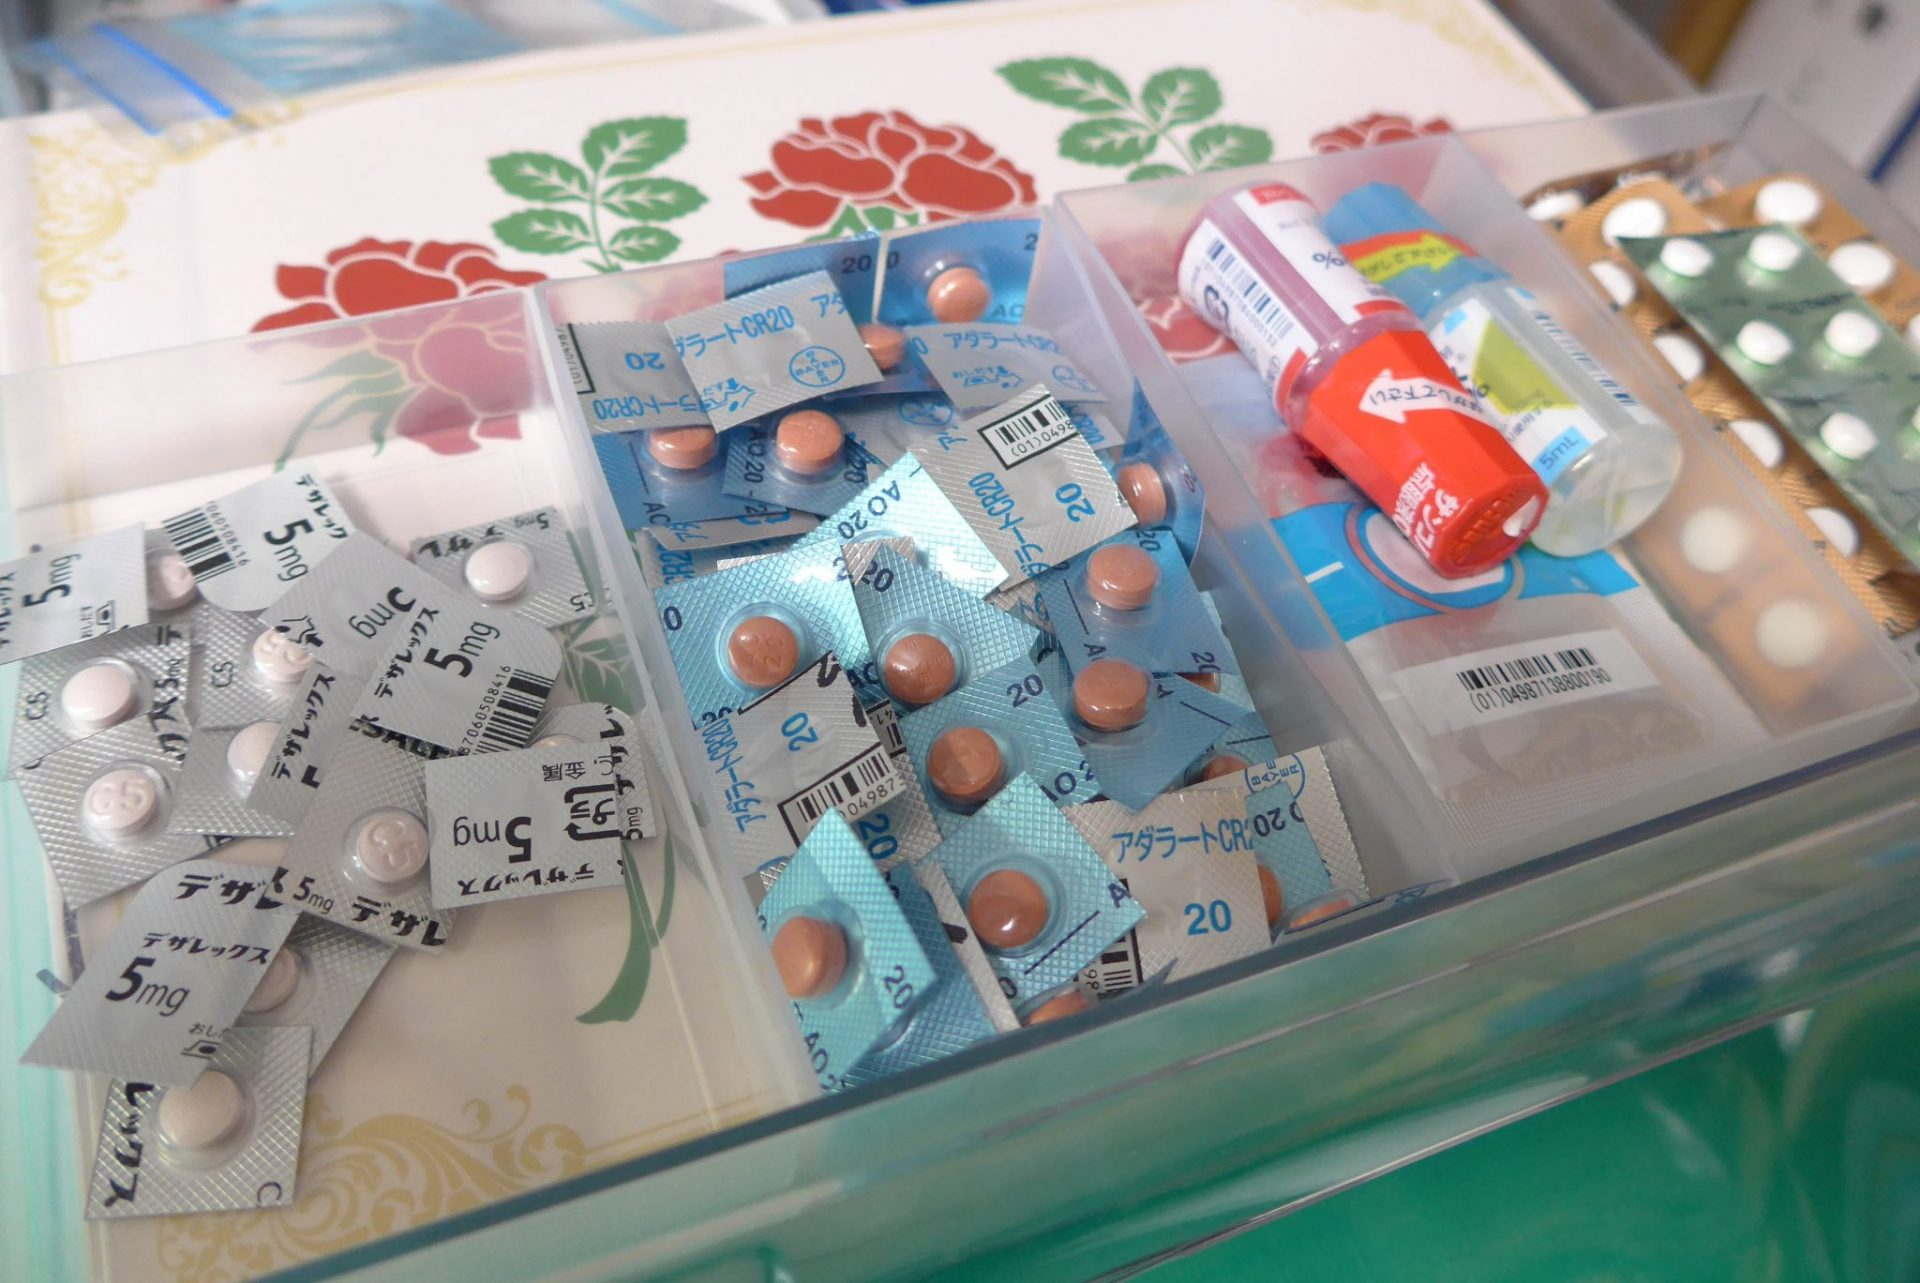 薬や衛生用品など健康に関わる備蓄品を考えました!リスク対応